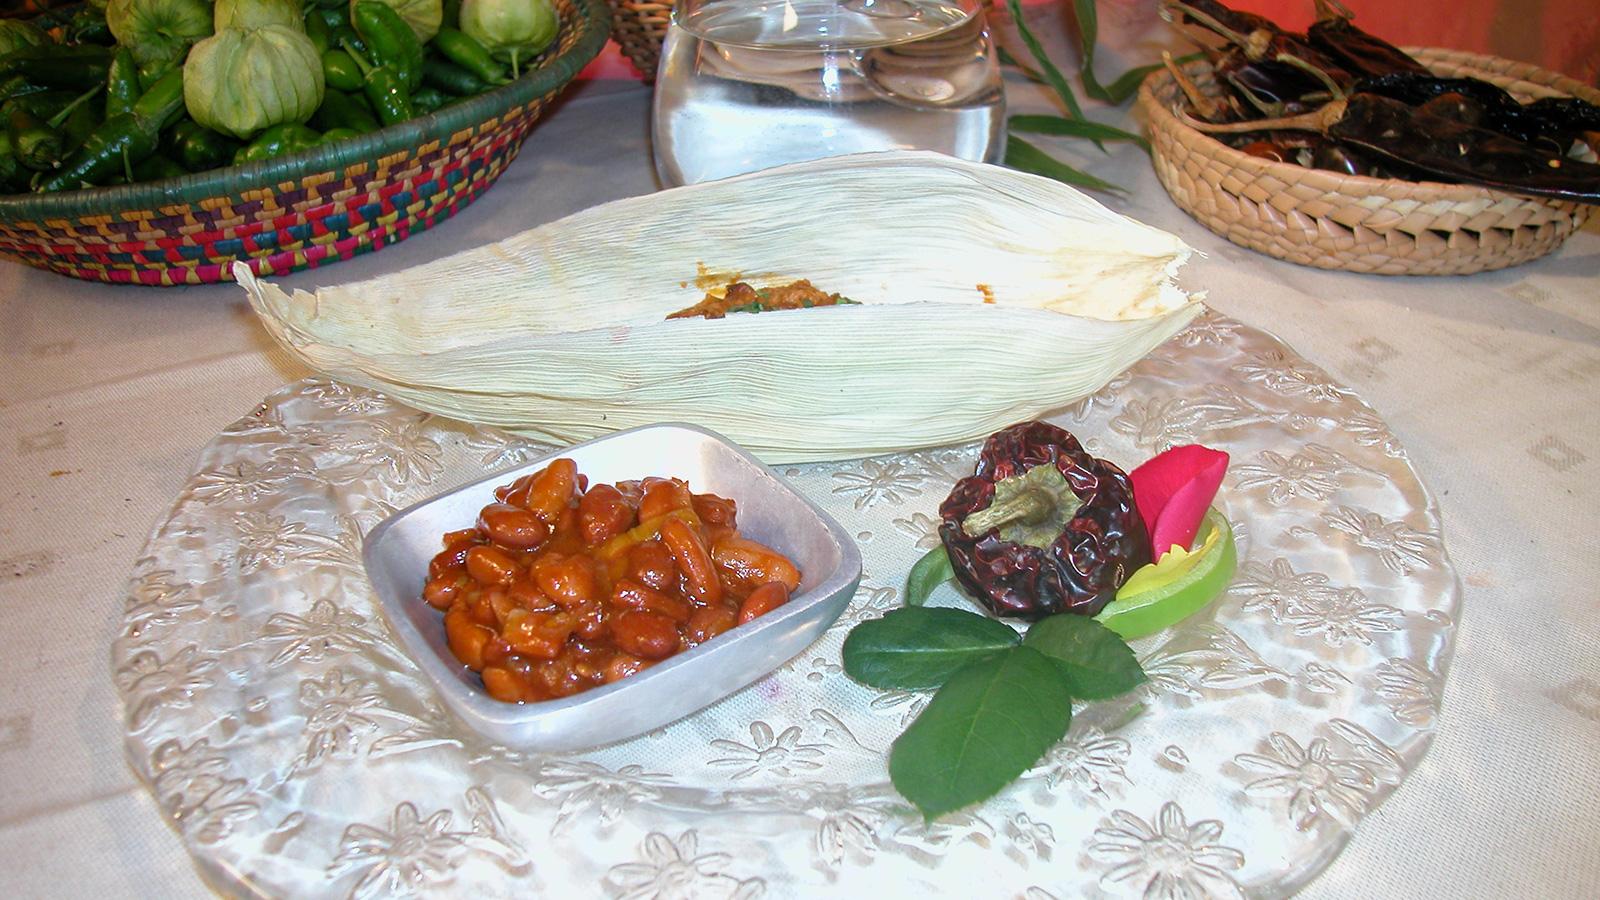 Cordero en chiles ajo alfredo casta eda receta canal for Canal cocina mexicana